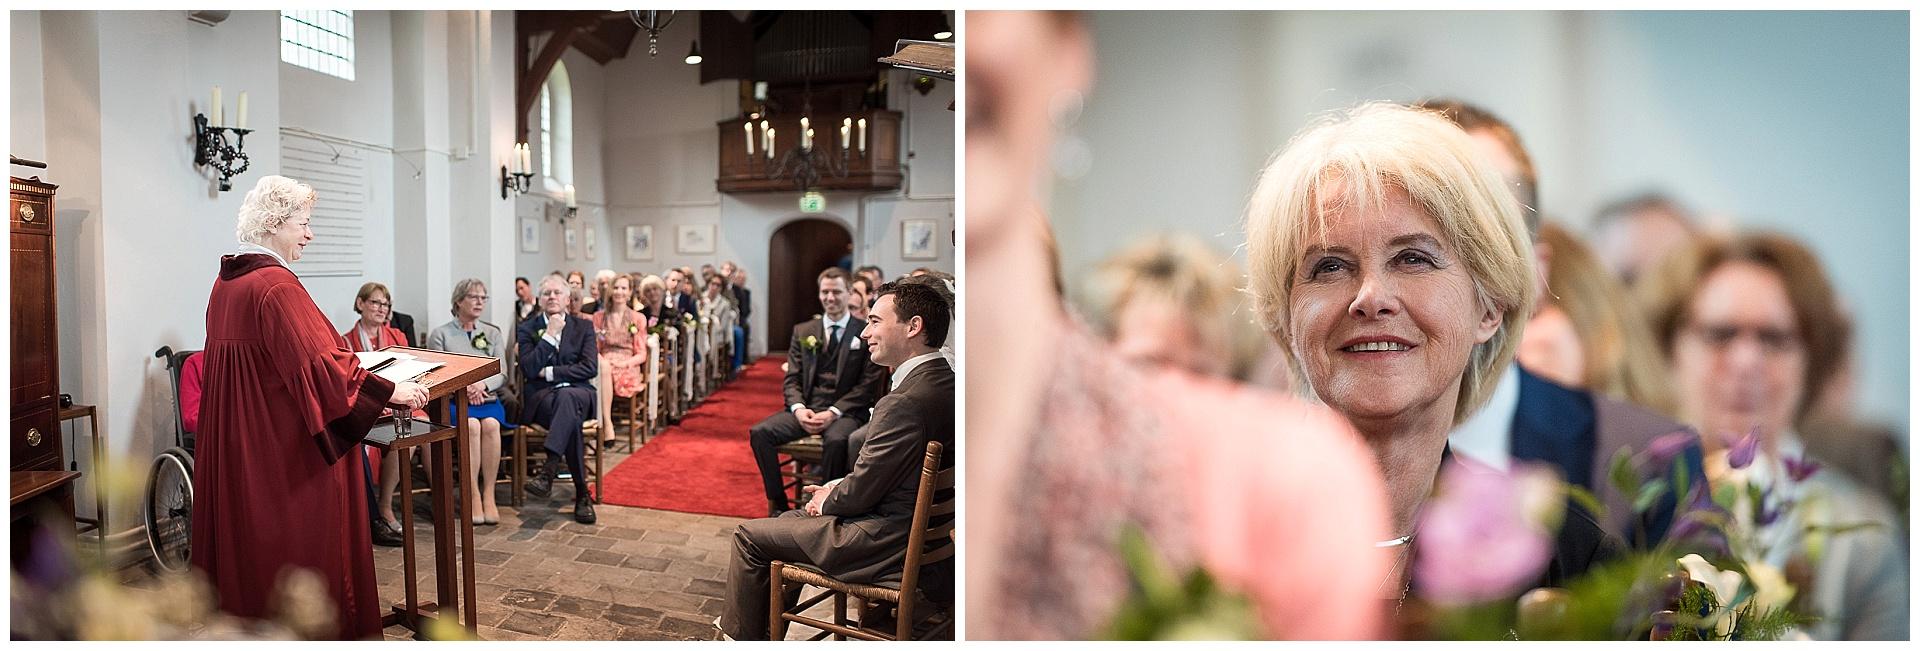 bruidsfotograaf Beek-Ubbergen